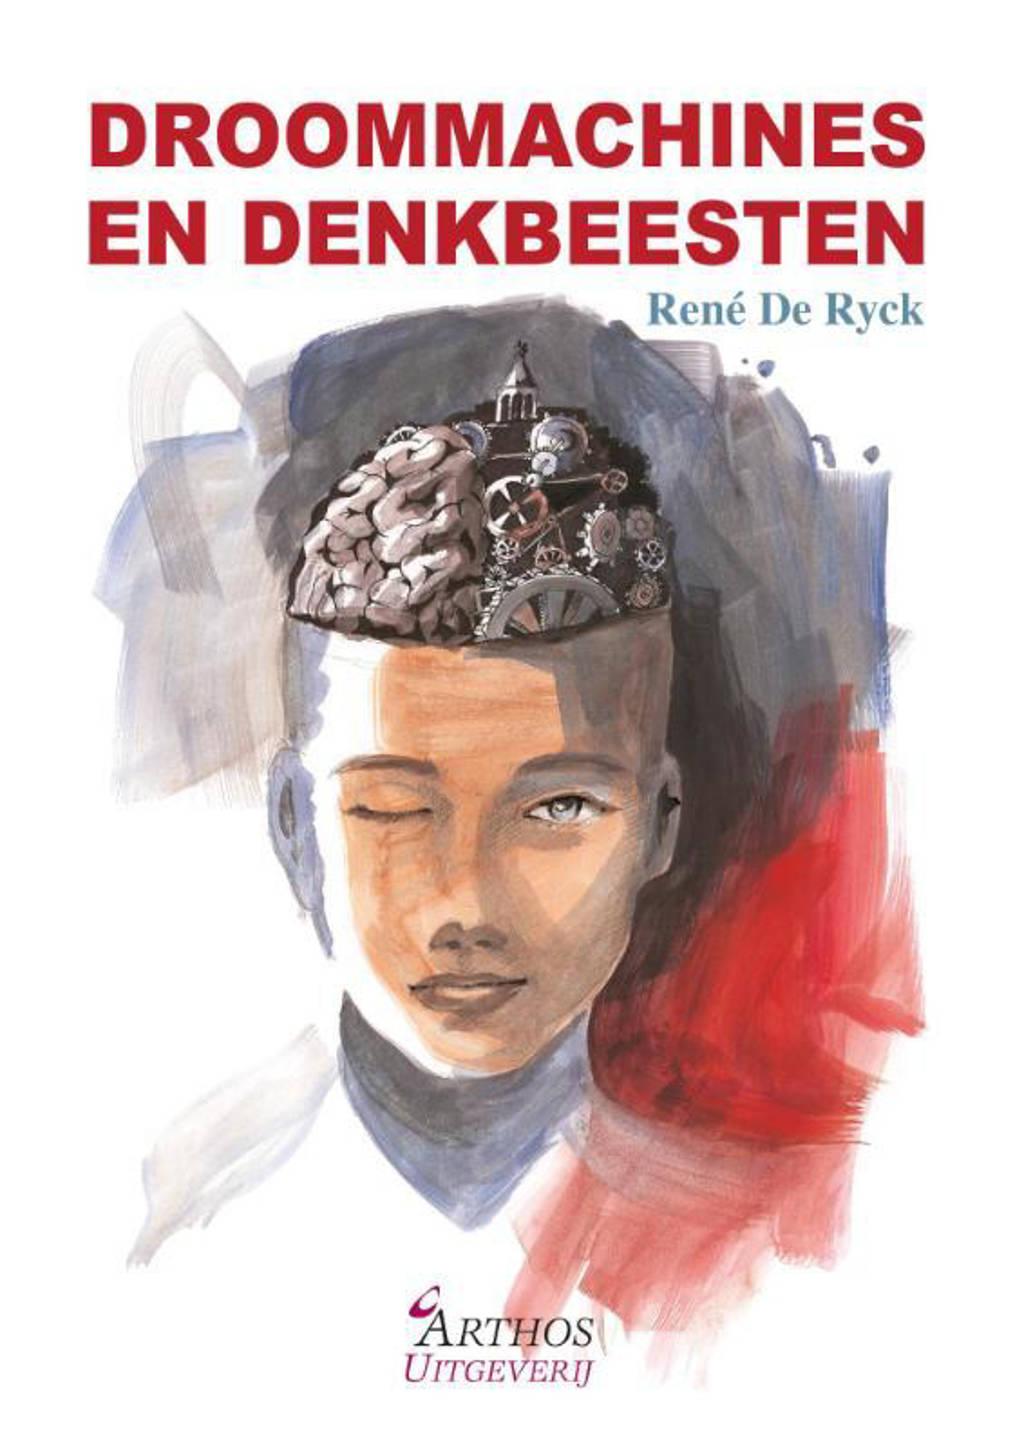 Droommachines en denkbeesten - Rene De Ryck